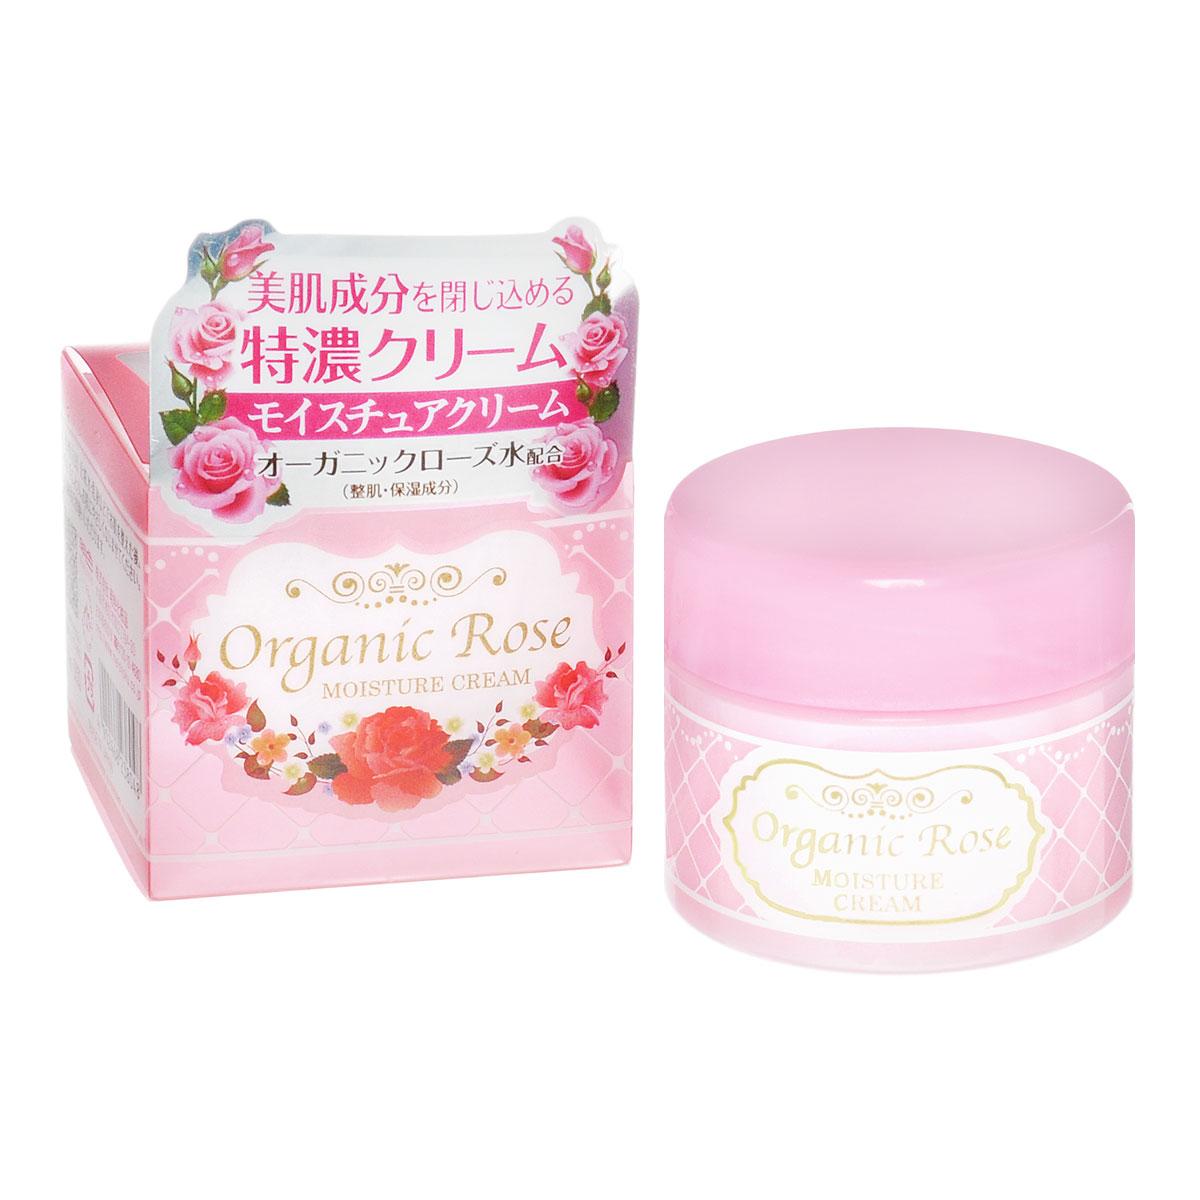 Meishoku Крем для лица Organic Rose, увлажняющий, с экстрактом дамасской розы, 50 г238048Насыщенный увлажняющий крем эффективно защищает кожу от проблем, связанных с сухостью, восстанавливая защитный барьер и создавая невидимую пленку. Делает кожу упругой и эластичной. В состав крема входит экстракт ячменя, удерживающий влагу в коже, масло Ши –защитный компонент, а также цветочную воду дамасской розы - компонент, нормализующий состояние кожи. Экстракт дамасской розы освежает и тонизирует уставшую кожу, насыщает ее витаминами. Товар сертифицирован.